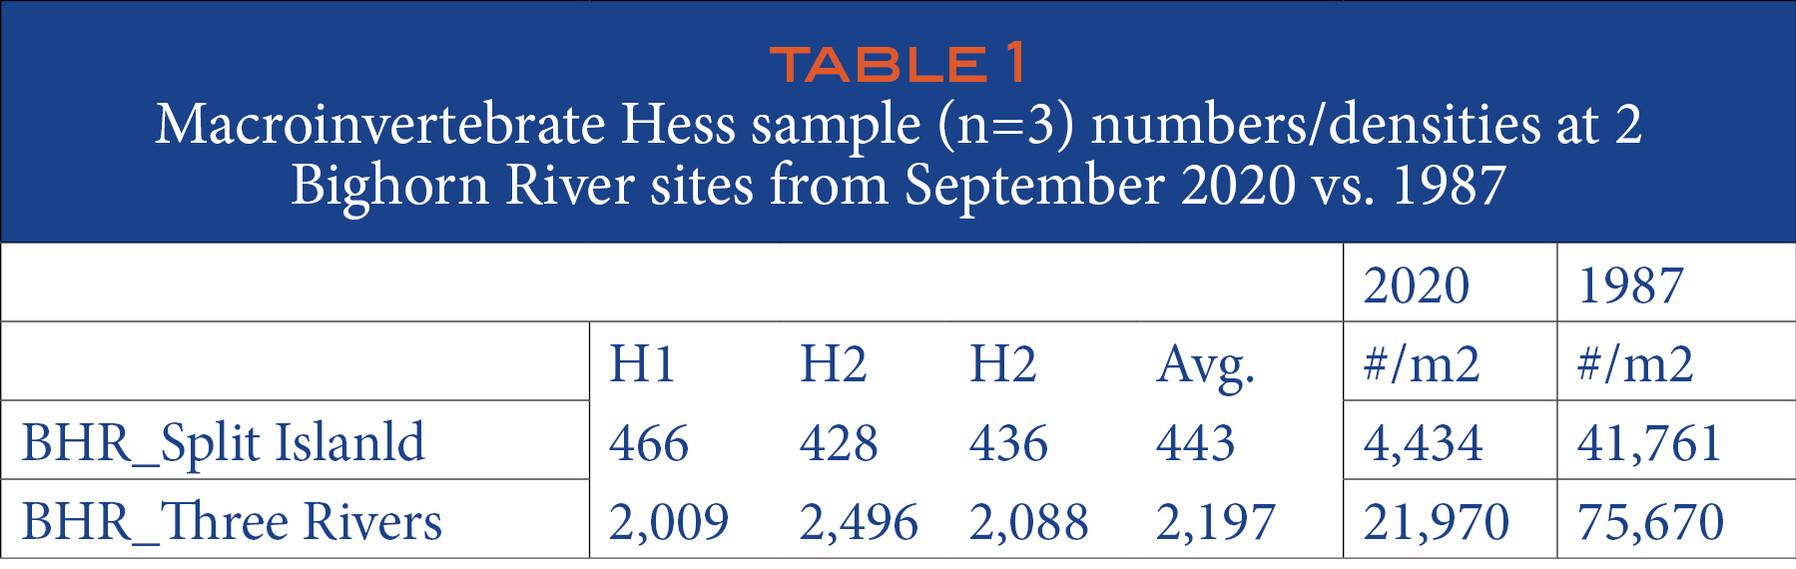 TABLE 1 Macroinvertebrate Hess sample (n=3) numbers/densities at 2 Bighorn River sites from September 2020 vs. 1987